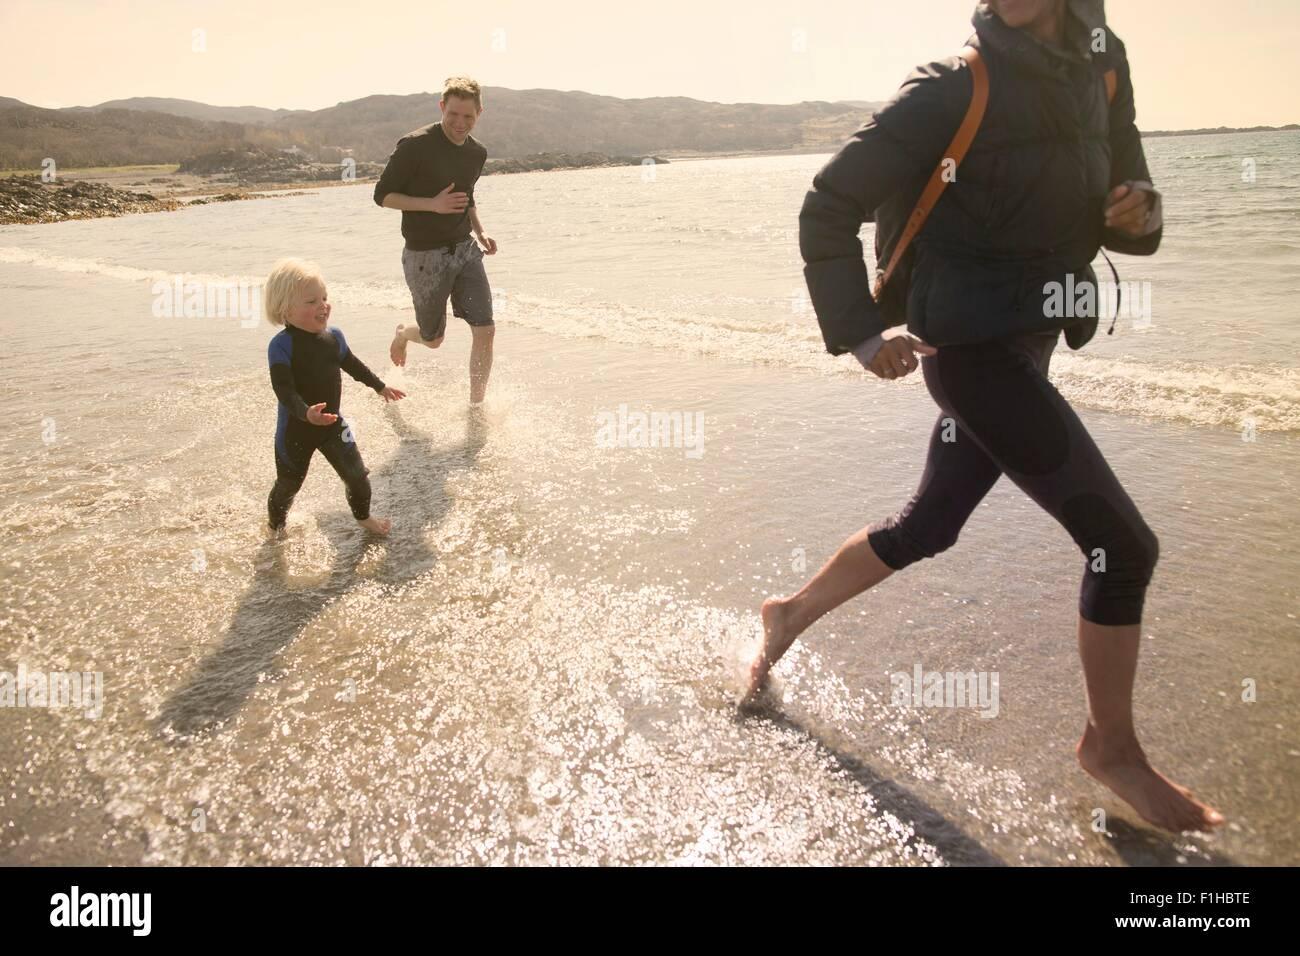 Familie läuft auf Strand, Loch Eishort, Isle Of Skye, Hebriden, Schottland Stockbild